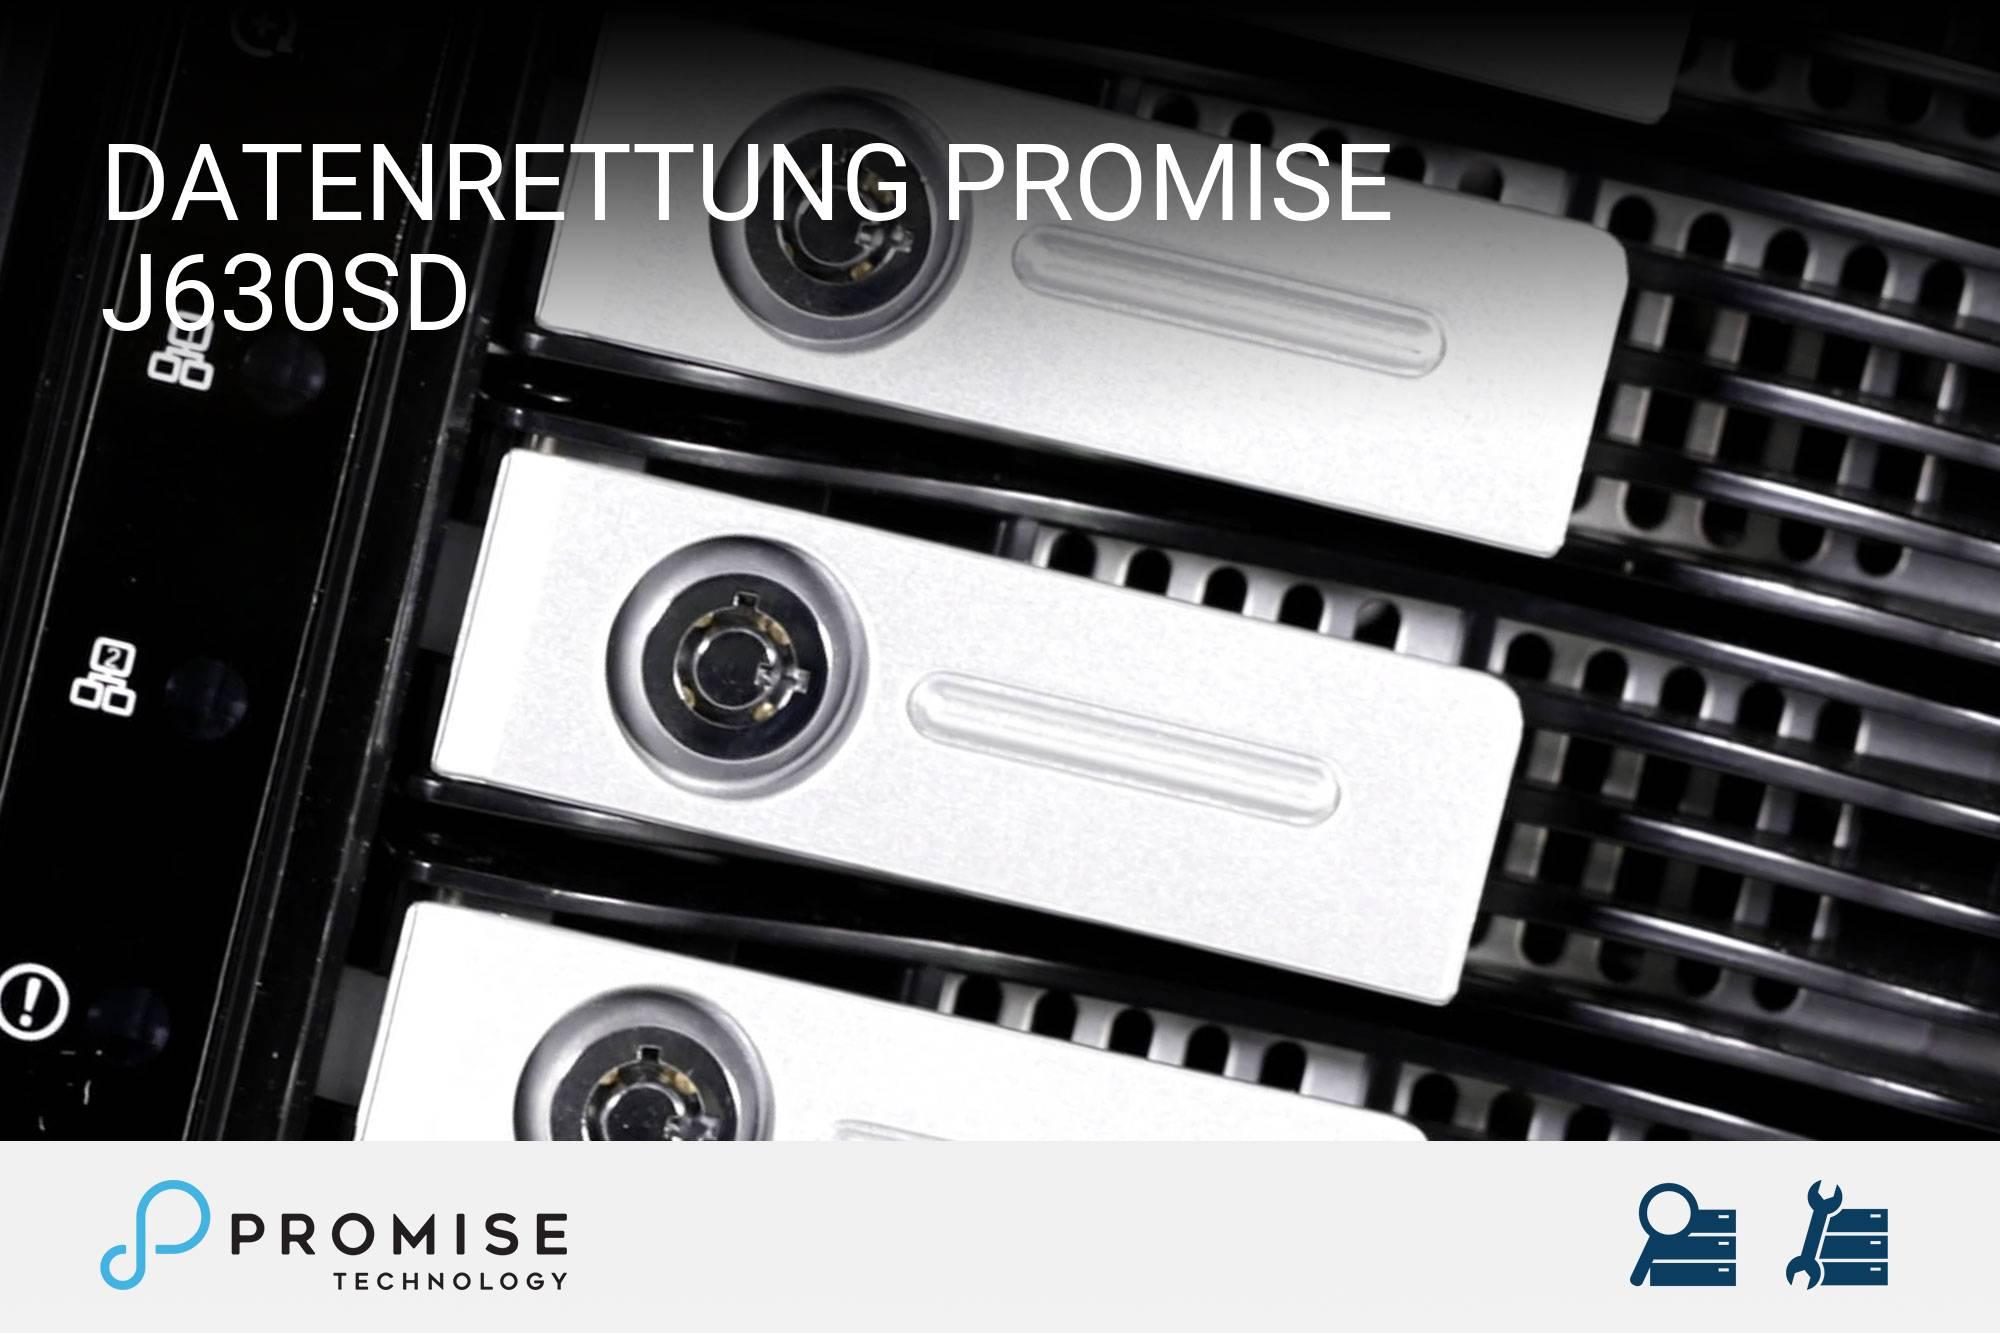 Promise J630sD